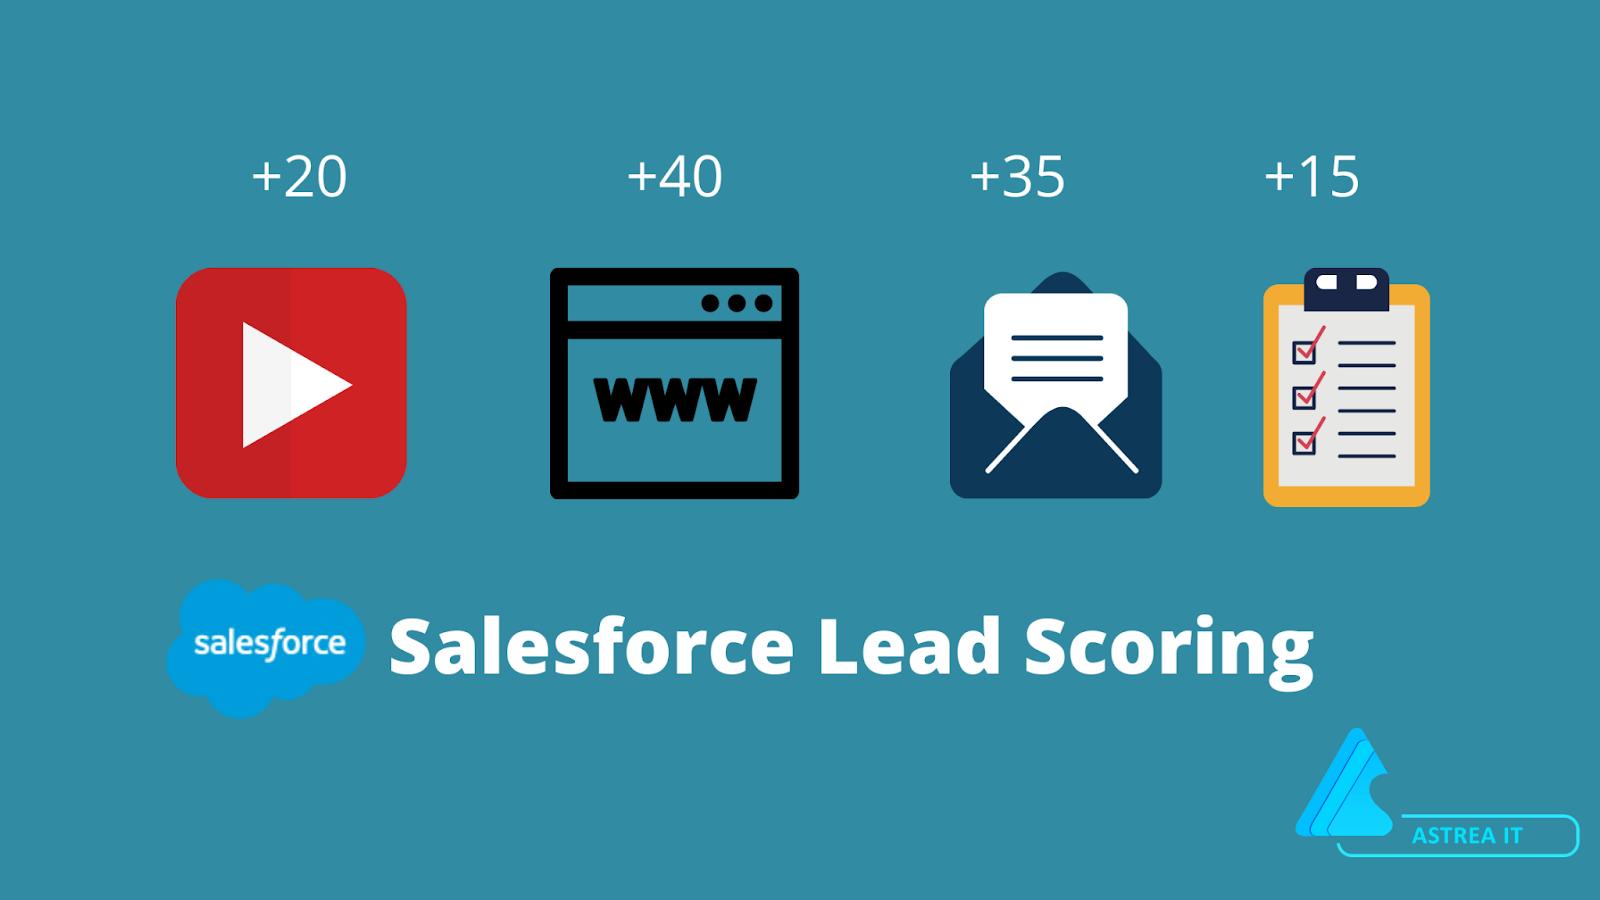 Salesforce Lead Scoring